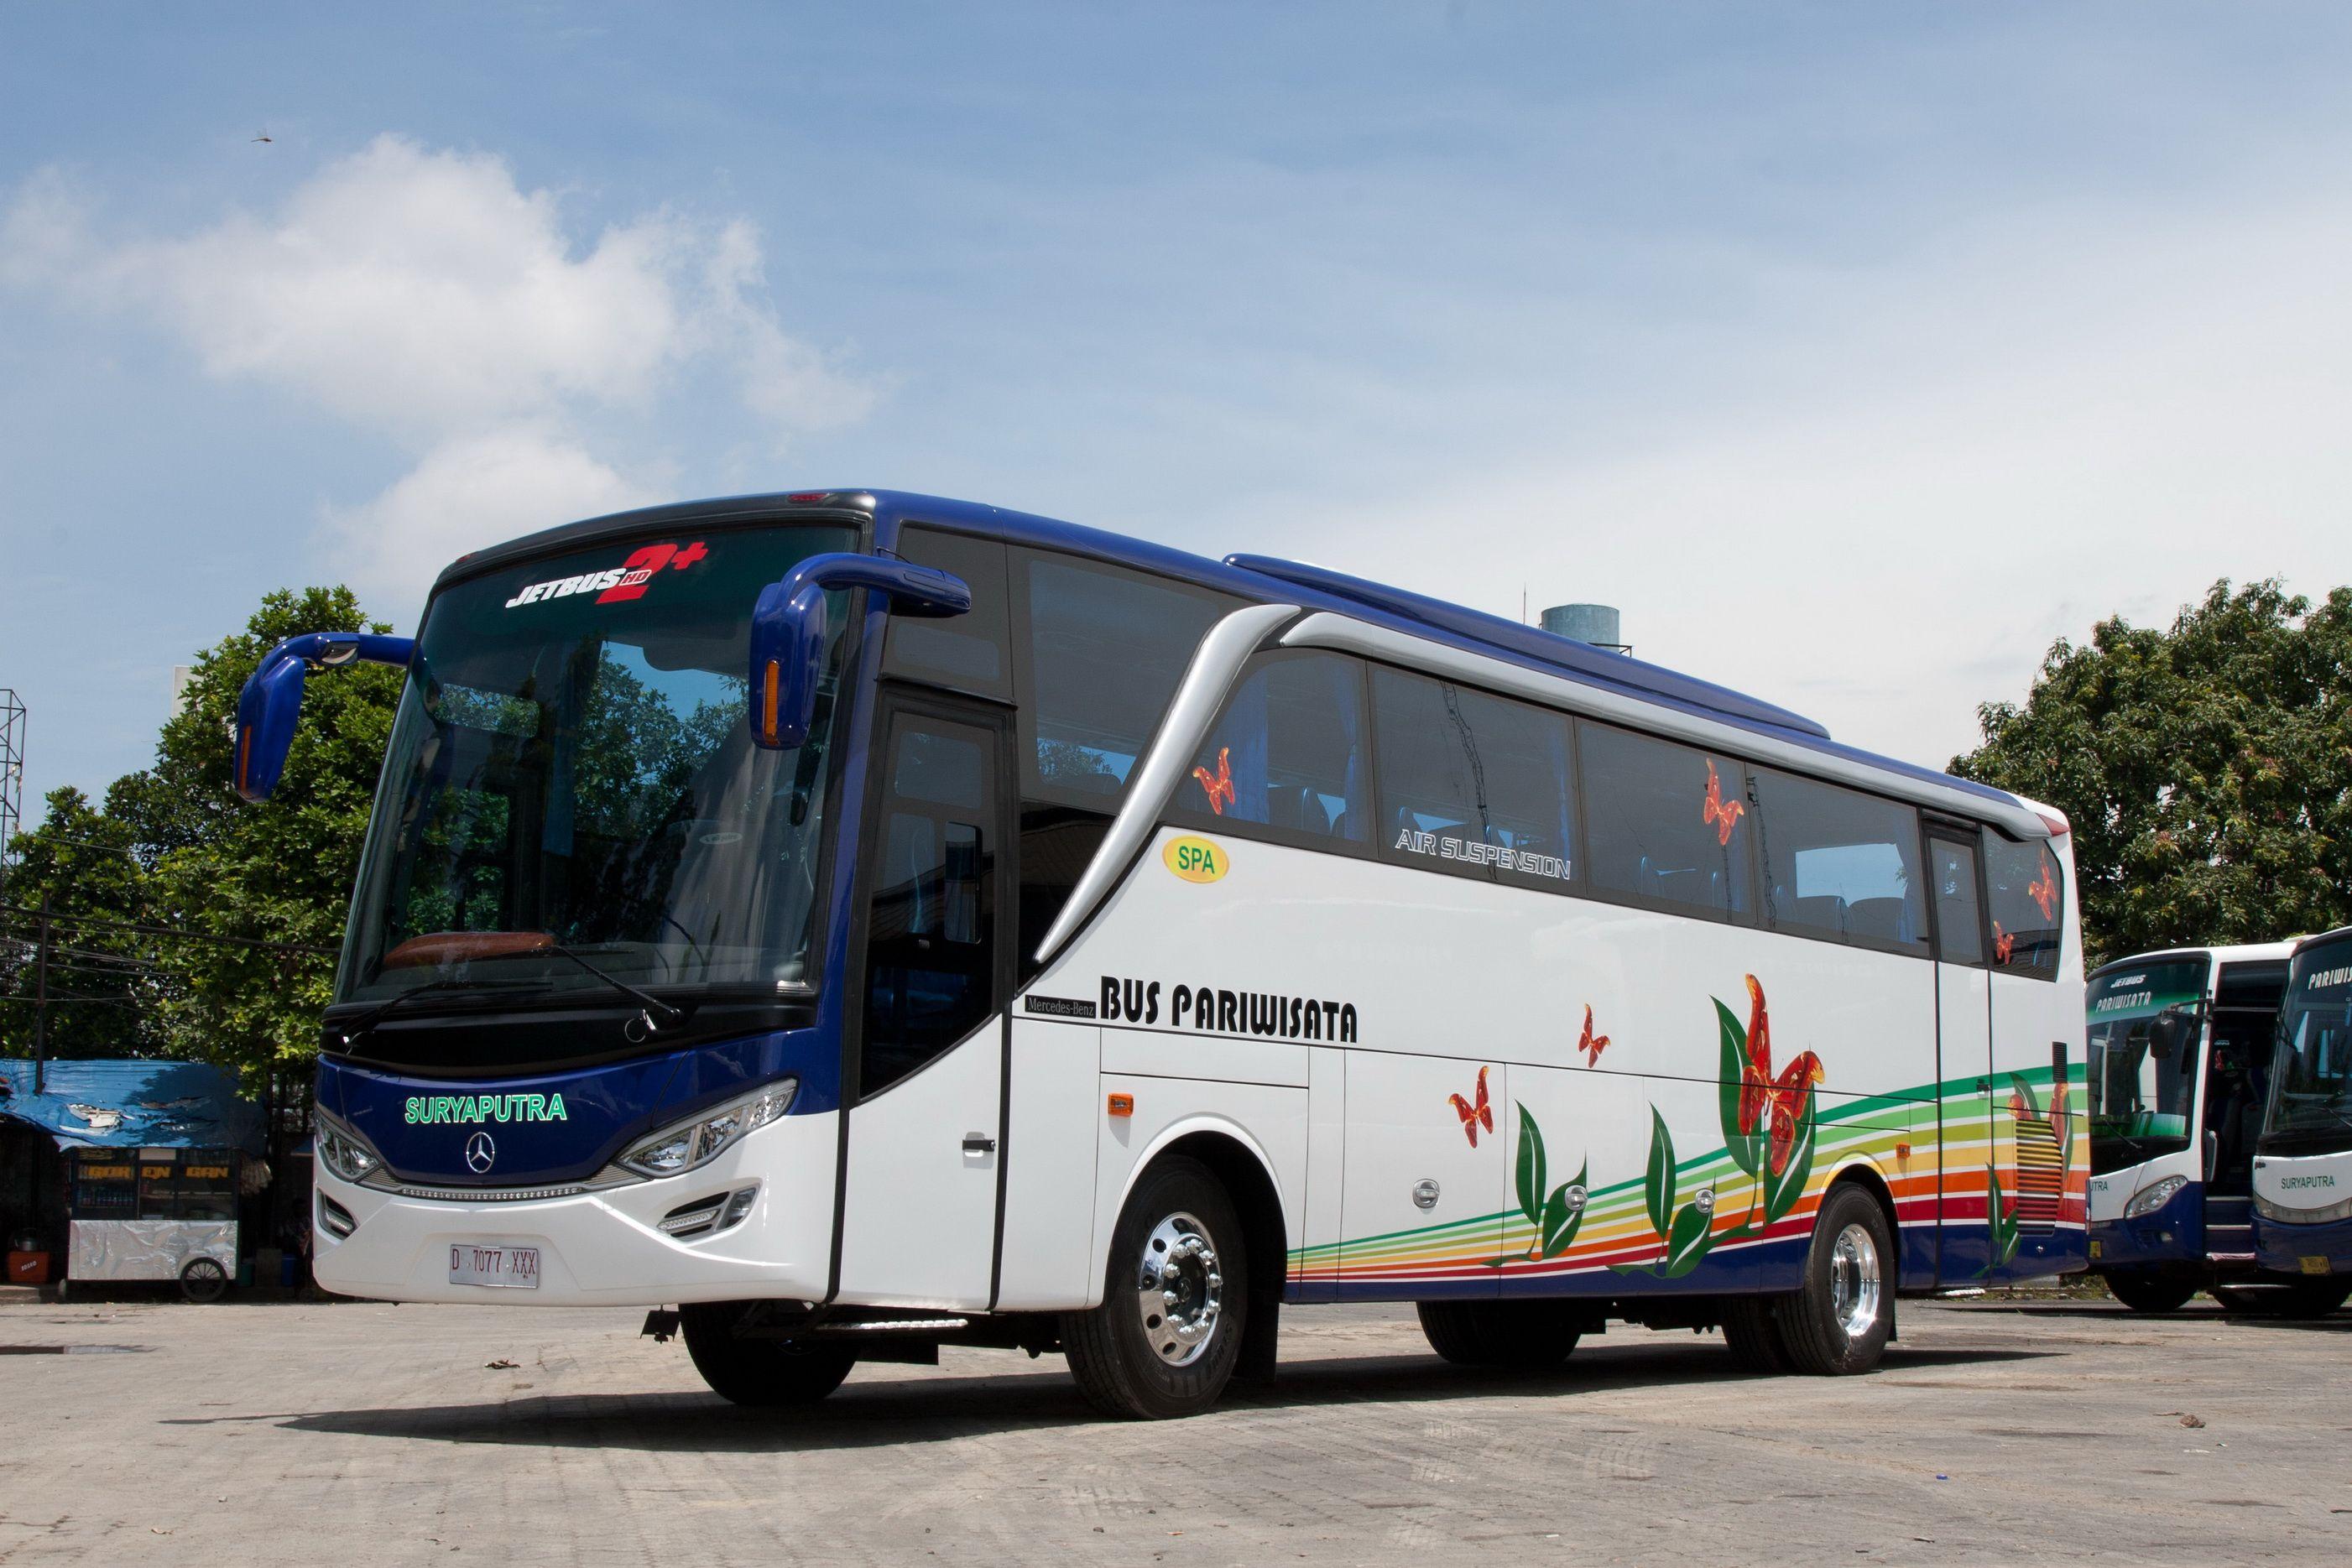 Big Bus - Mengenal Tipe dan Jenis Bus Pariwisata dari Berbagai Otobus di Indonesia